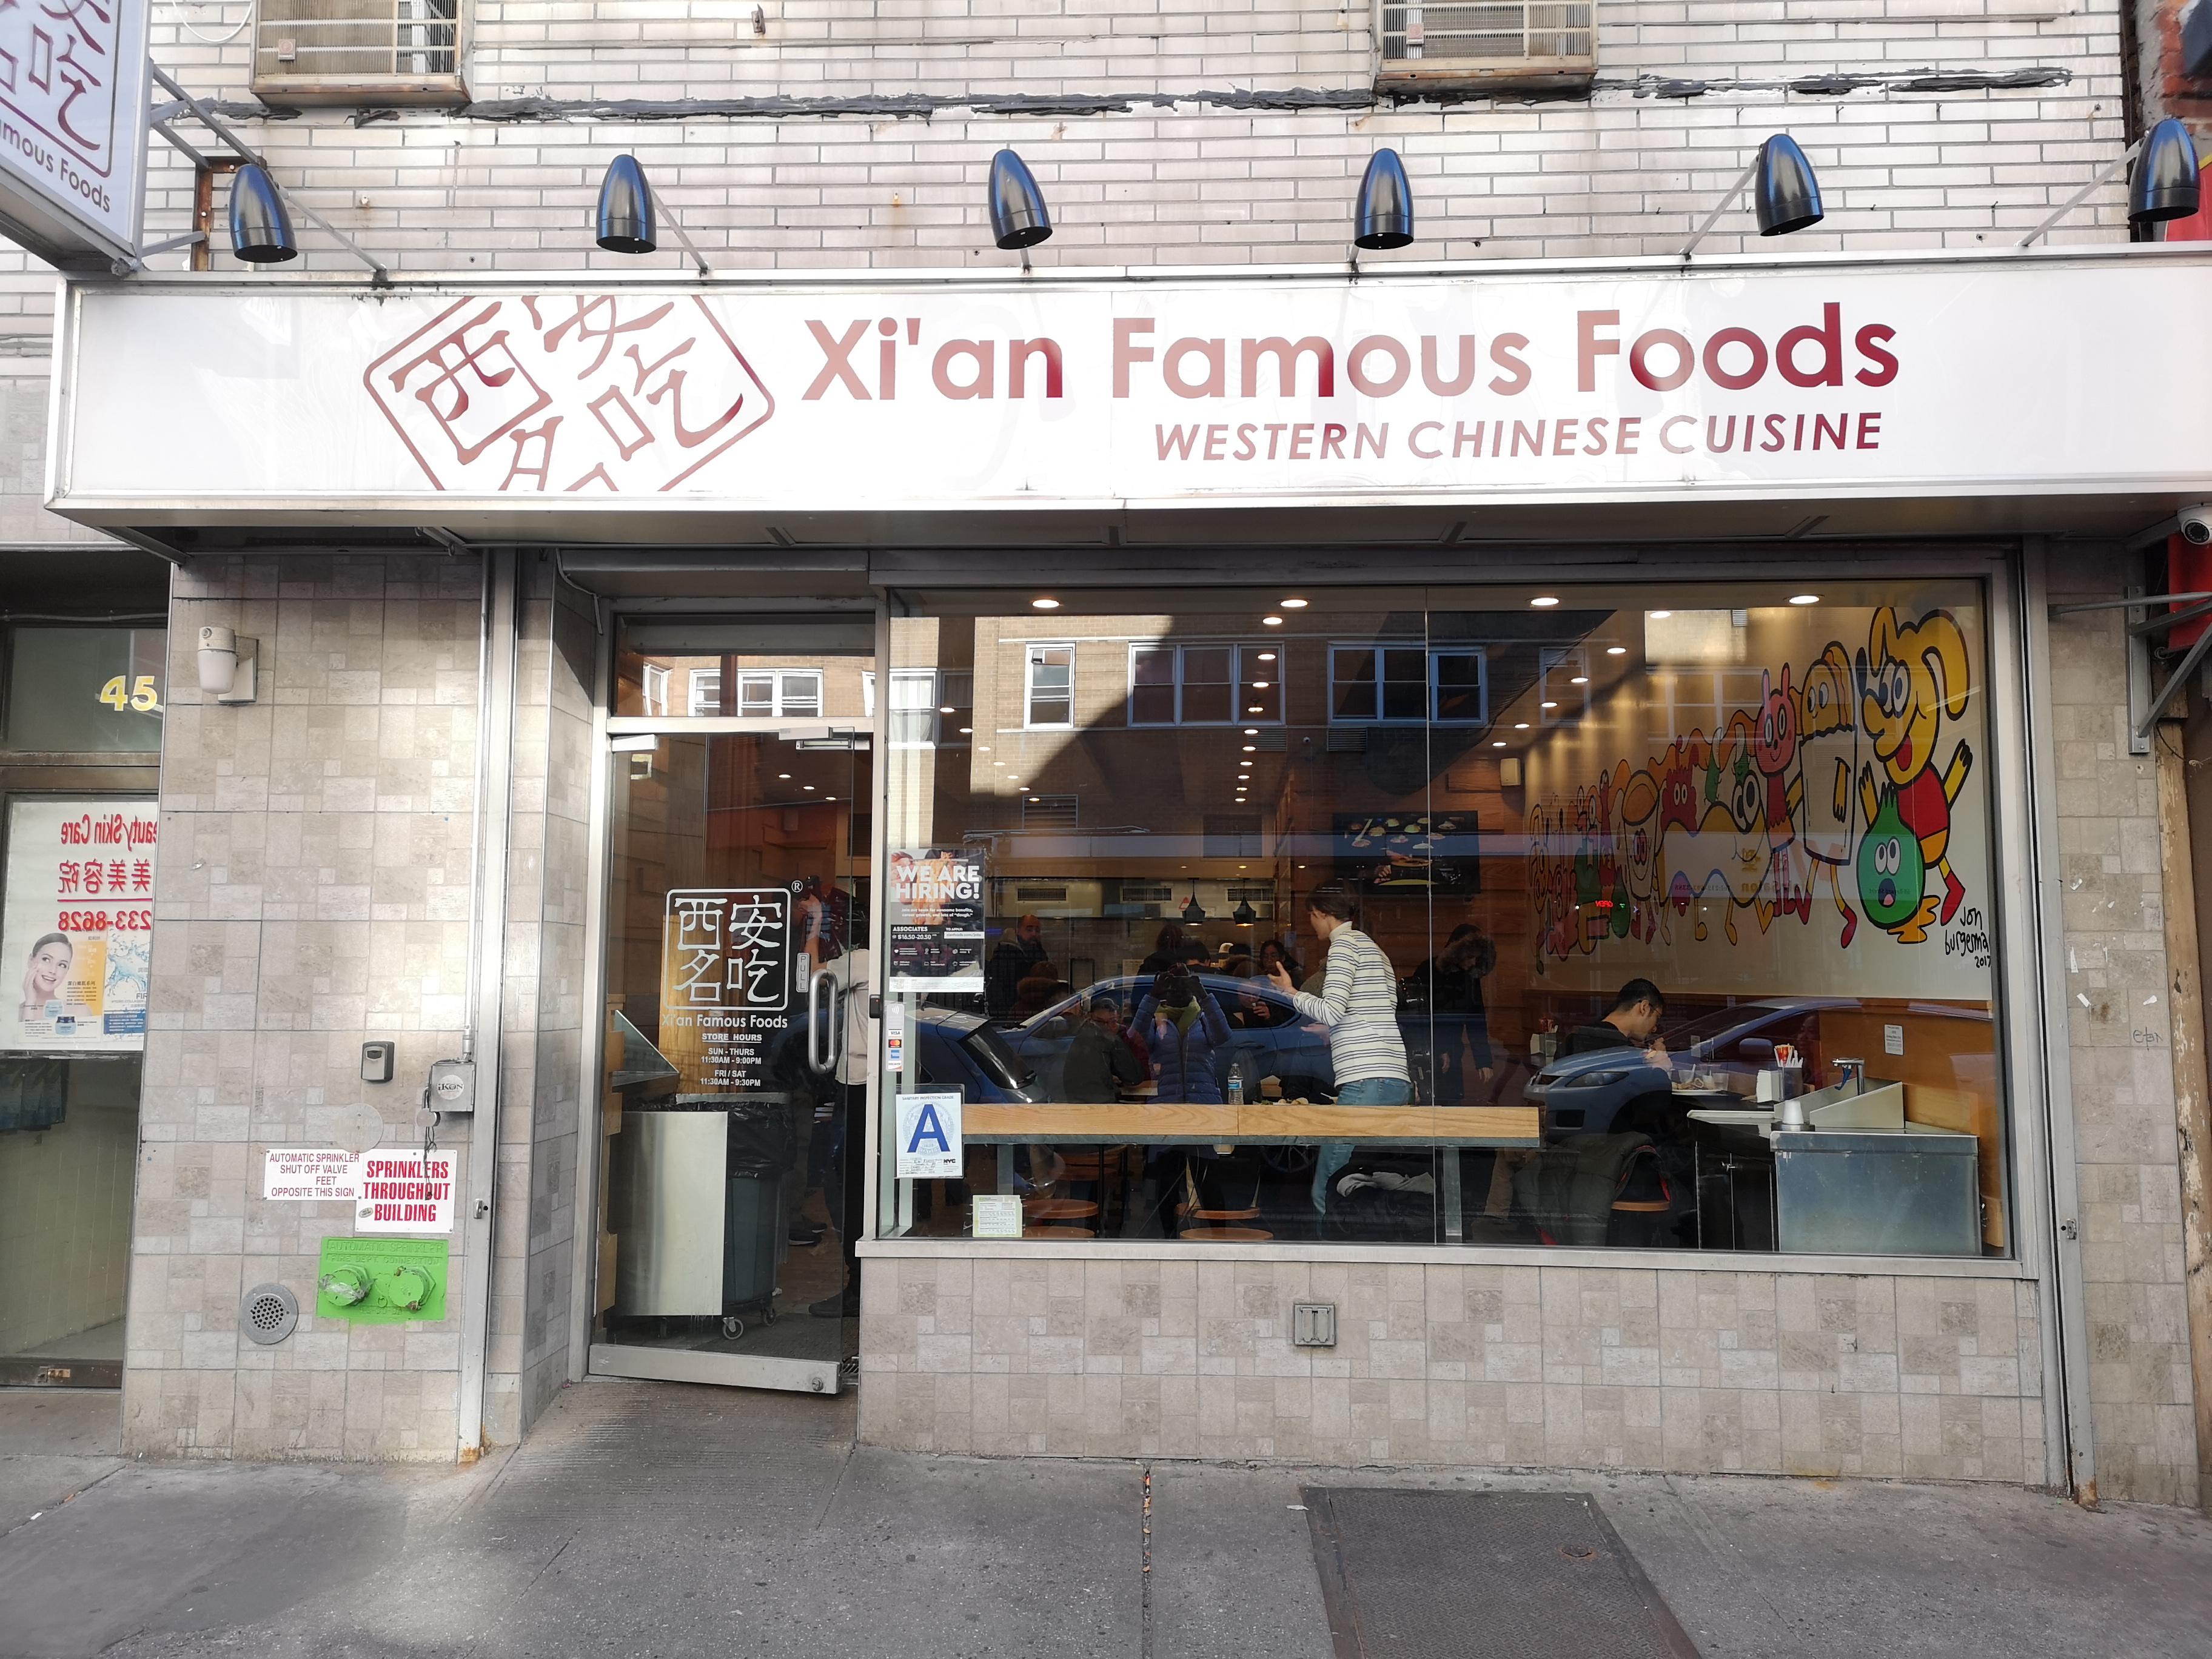 xian-famous-food-facade